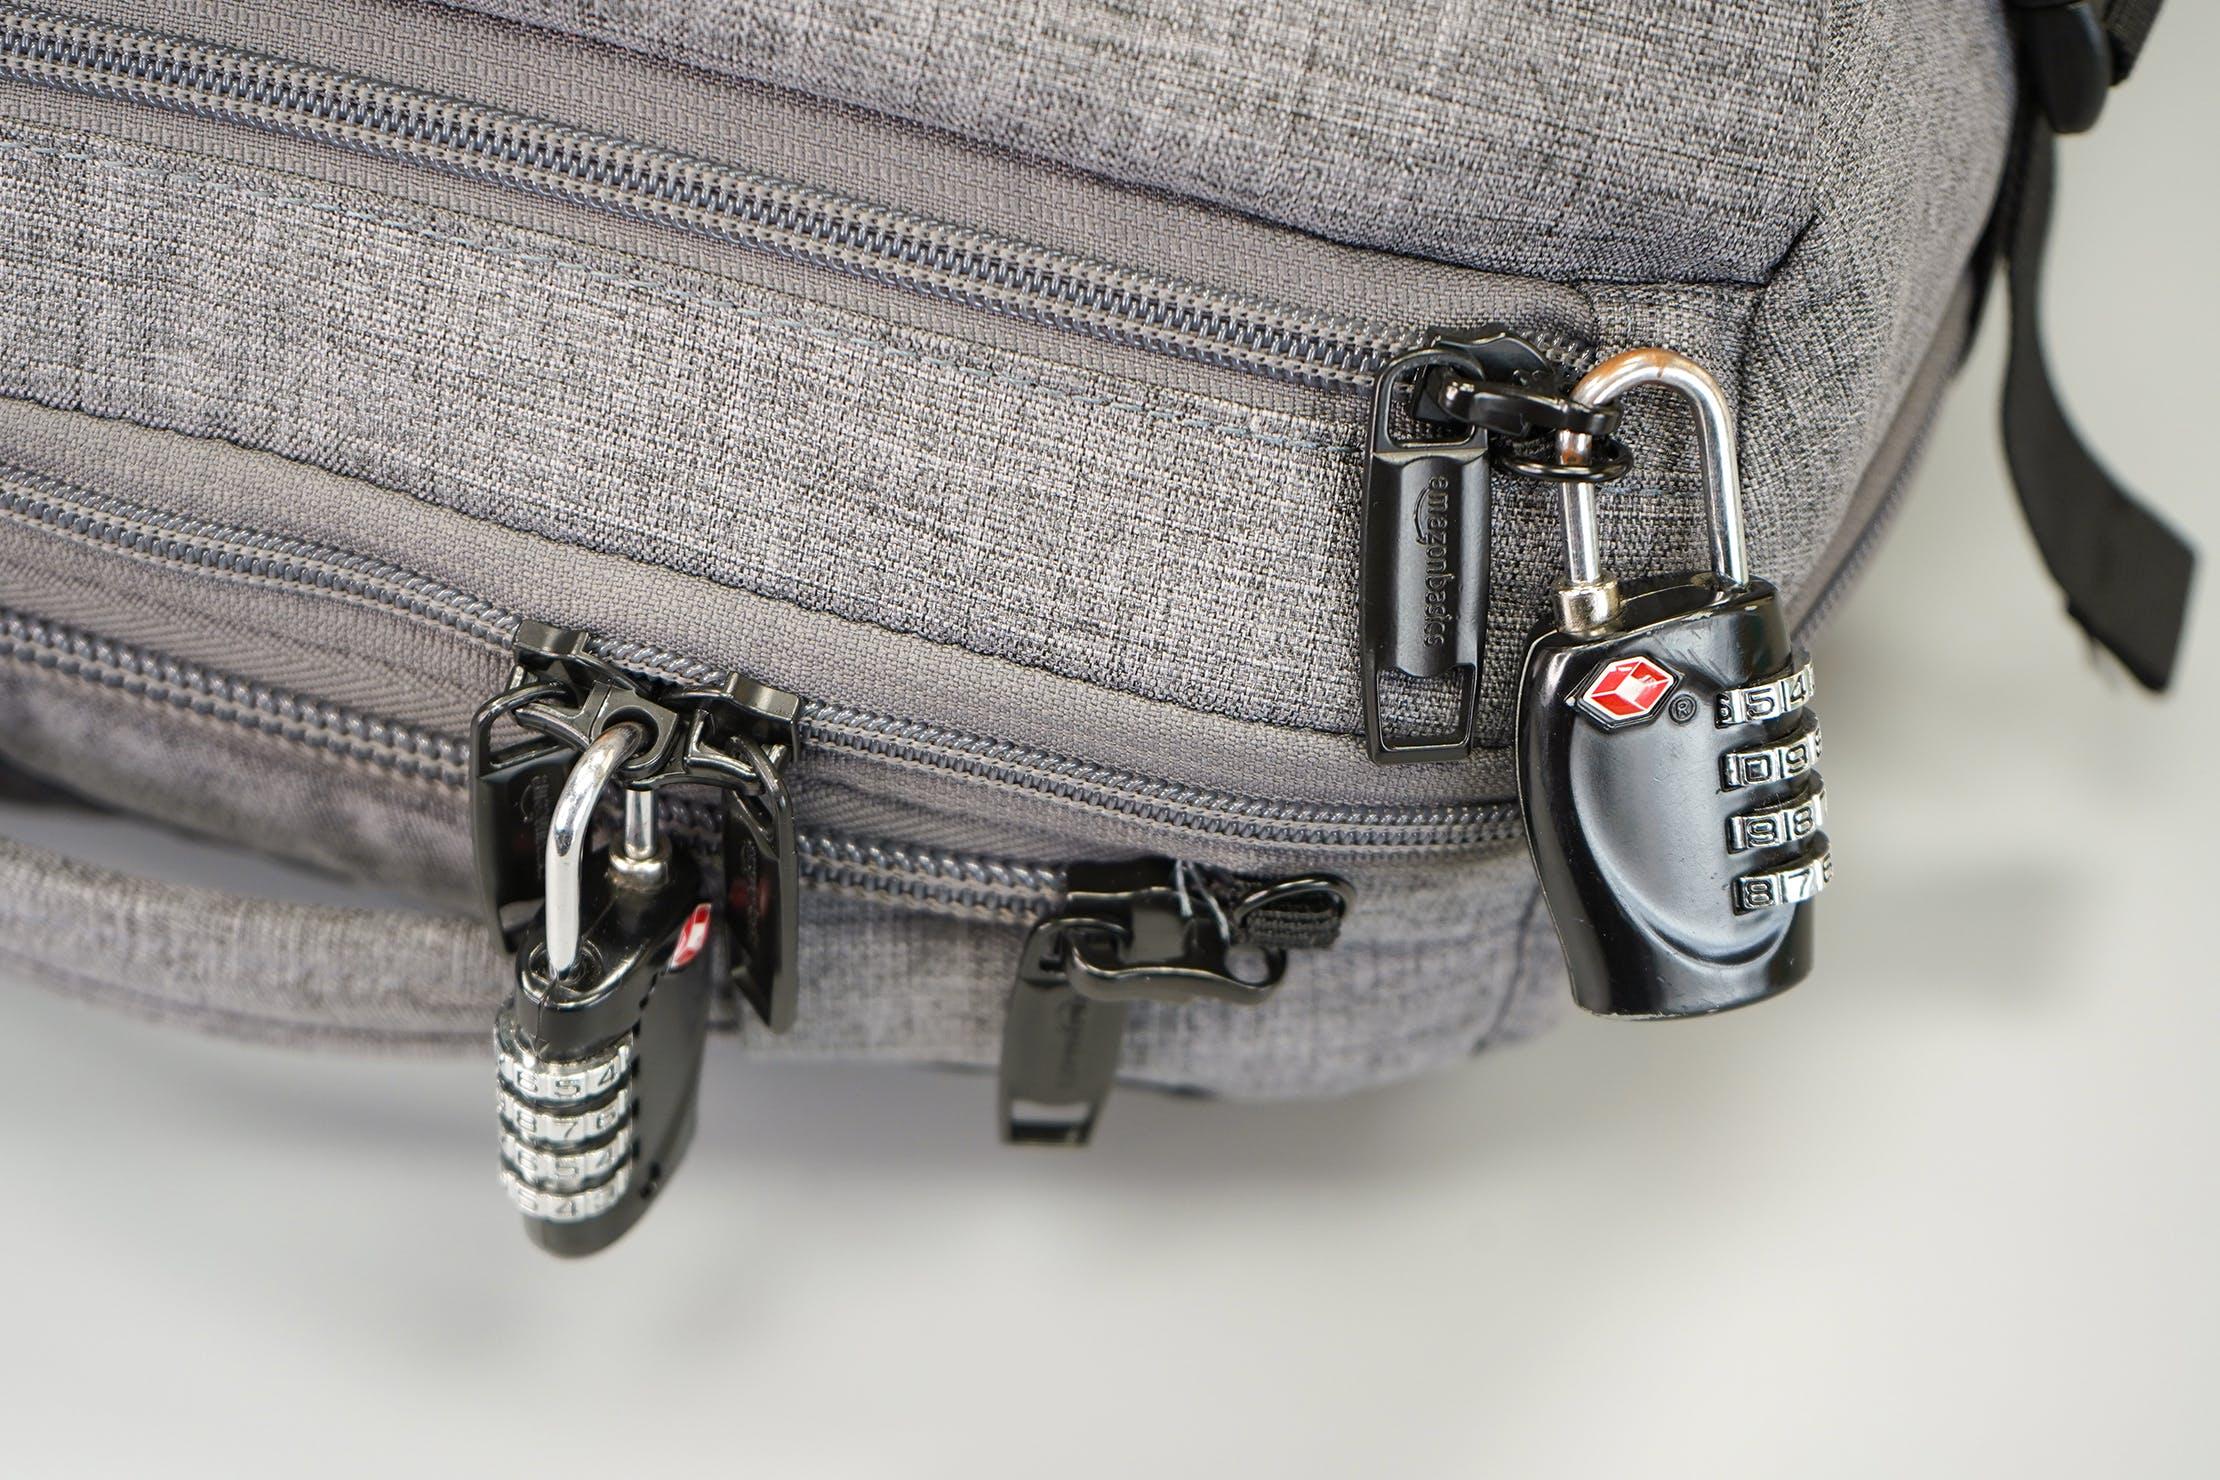 AmazonBasics Slim Travel Backpack Weekender Lockable Zippers